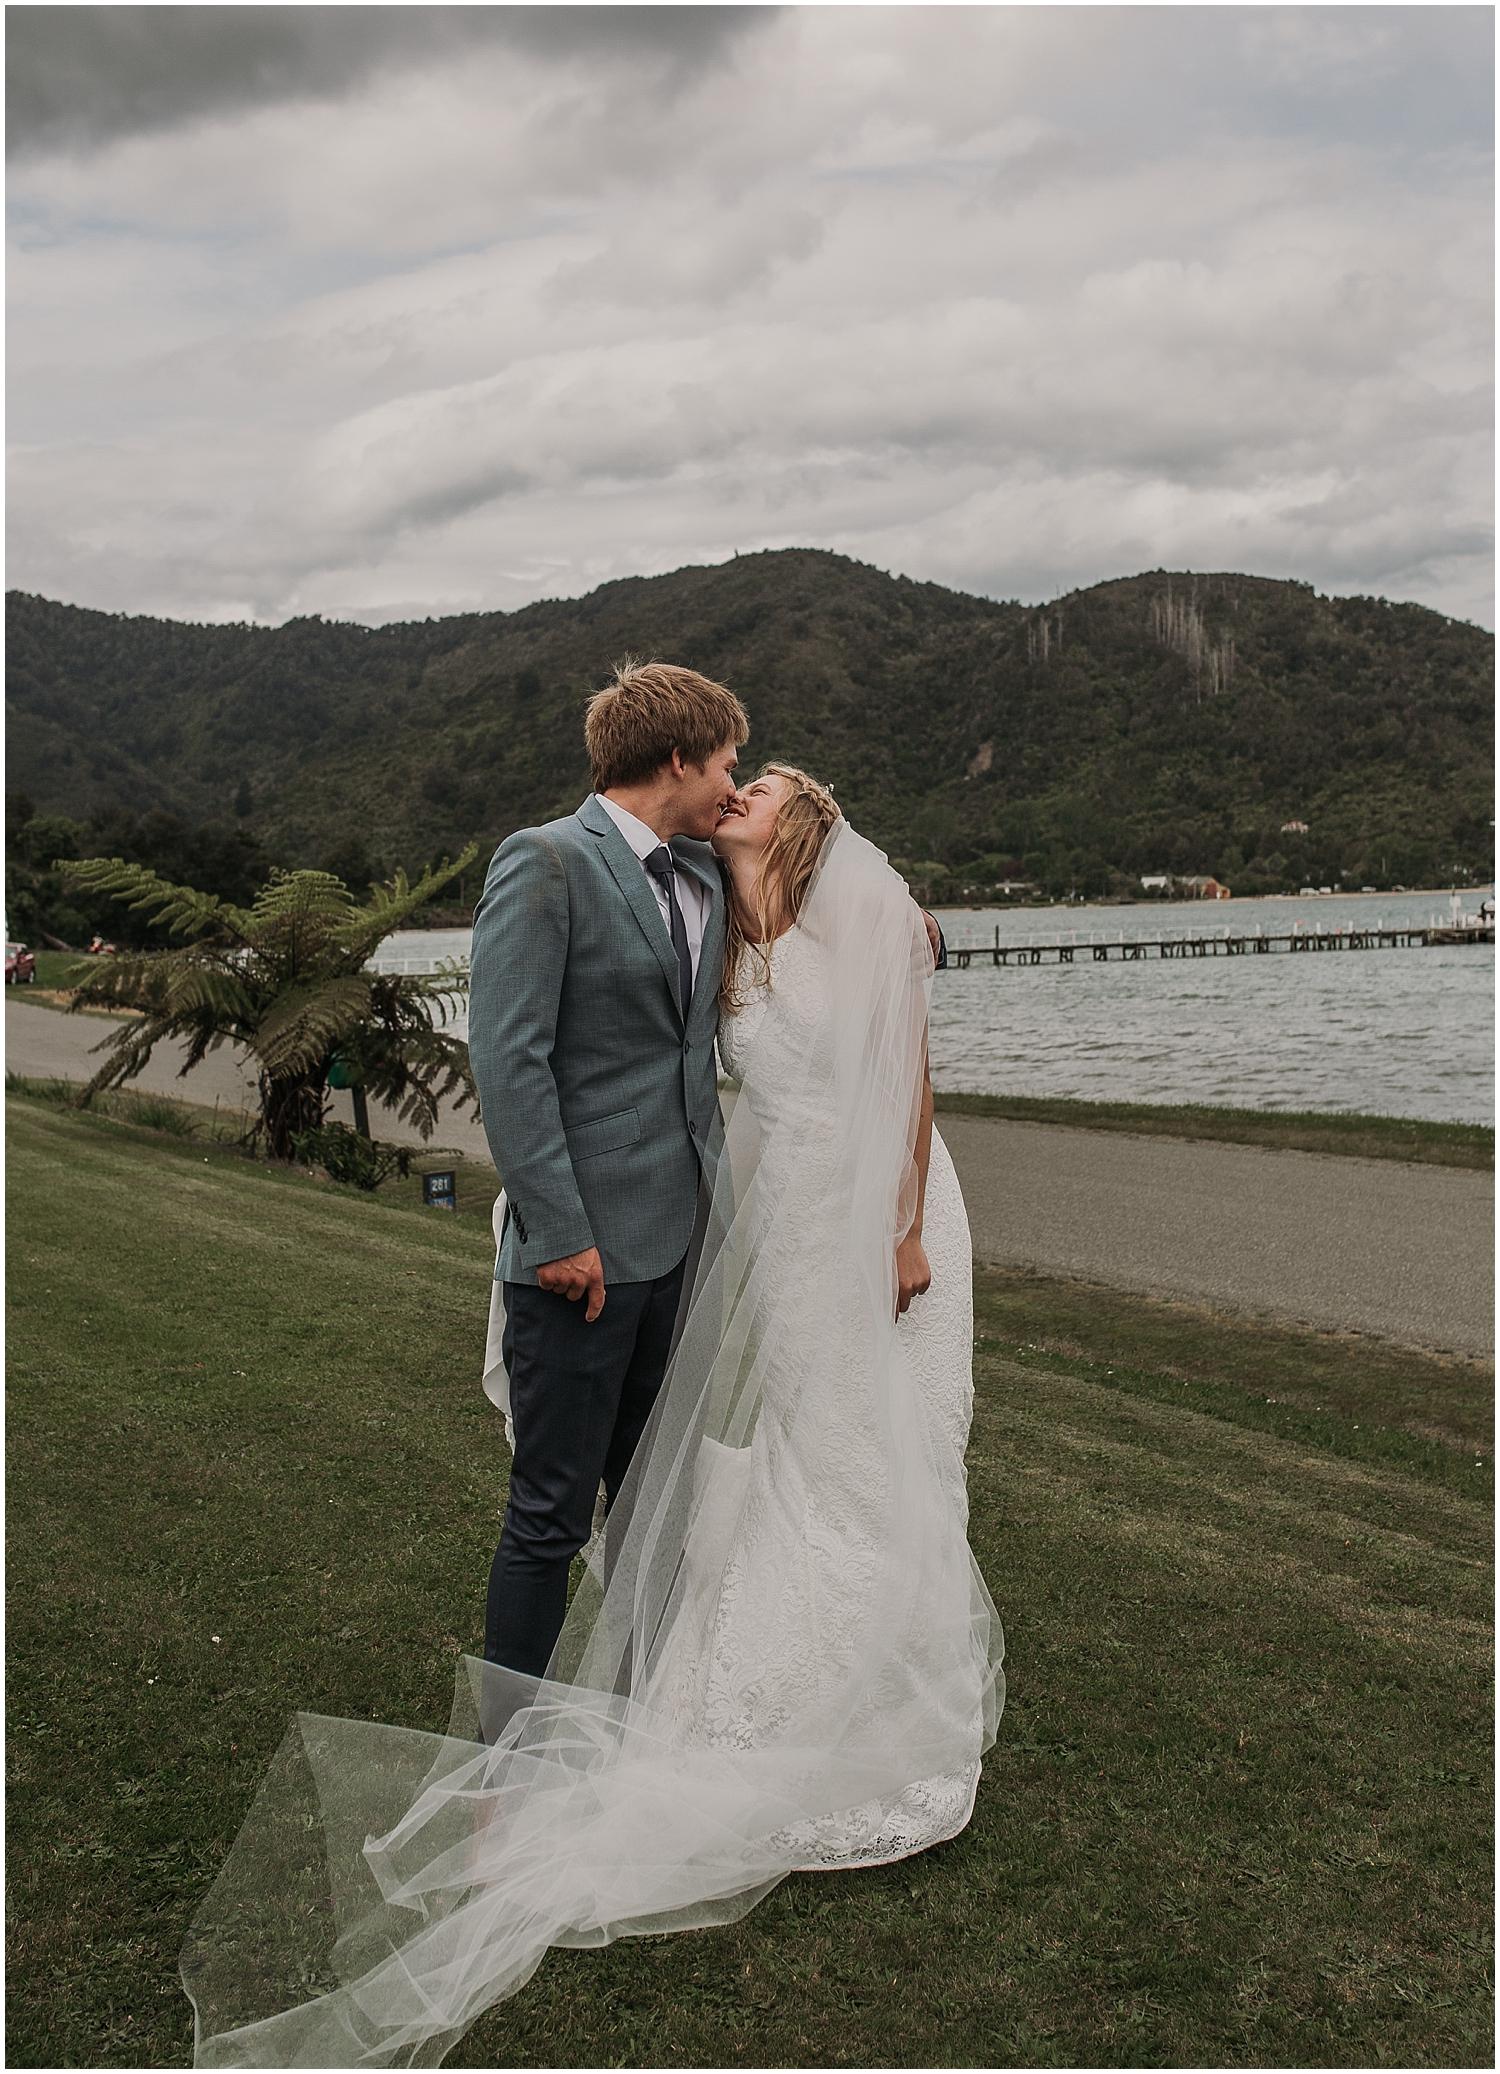 Hannah + Scott Married Kiss | Carmen Peter Photography.jpg